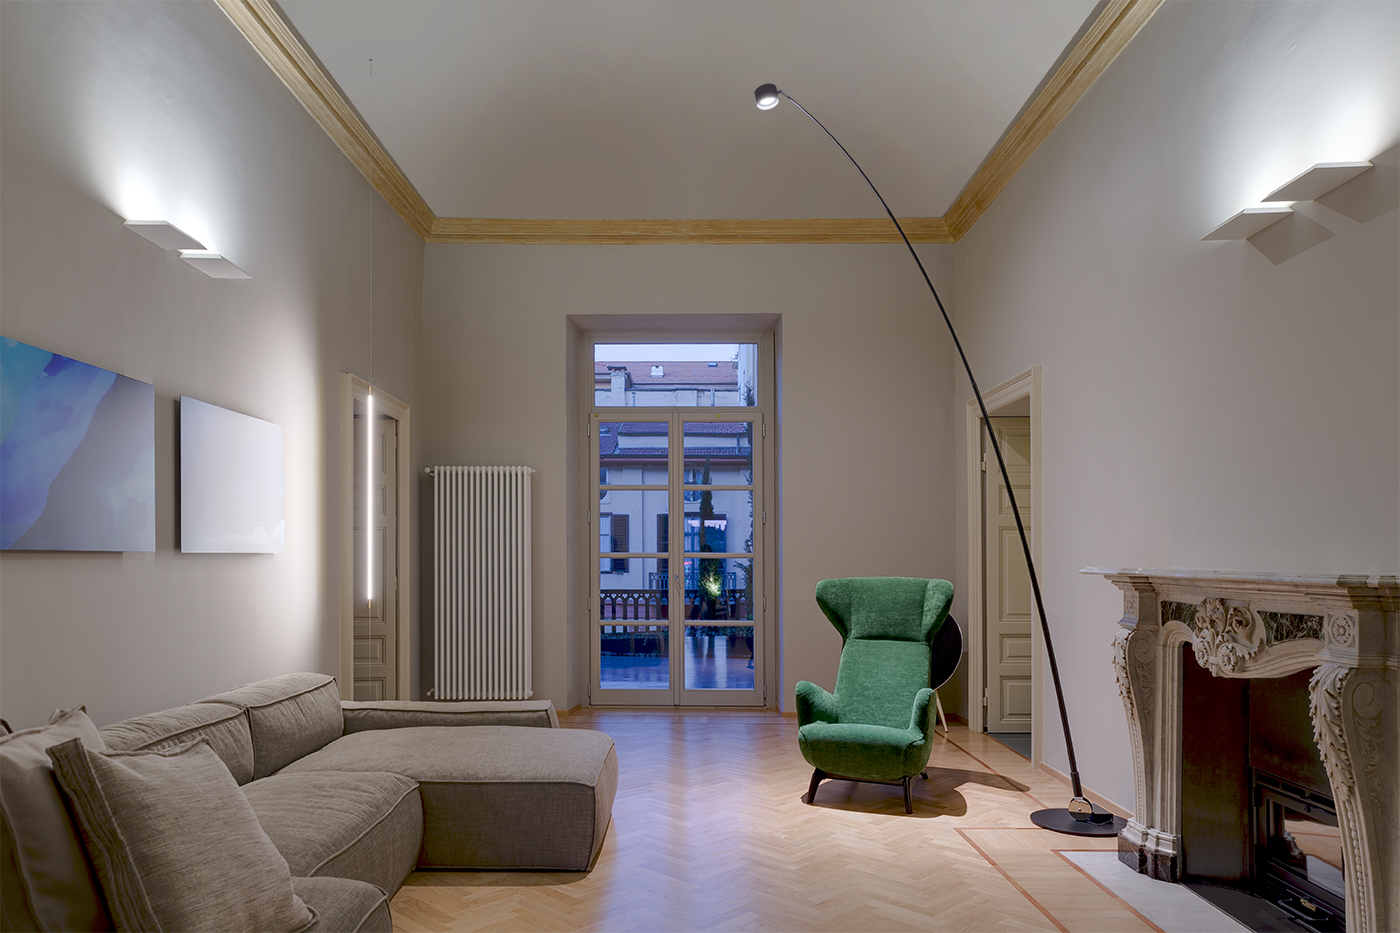 Idee per arredare la vostra casa con le lampade cosa mi for Idee per arredare la casa